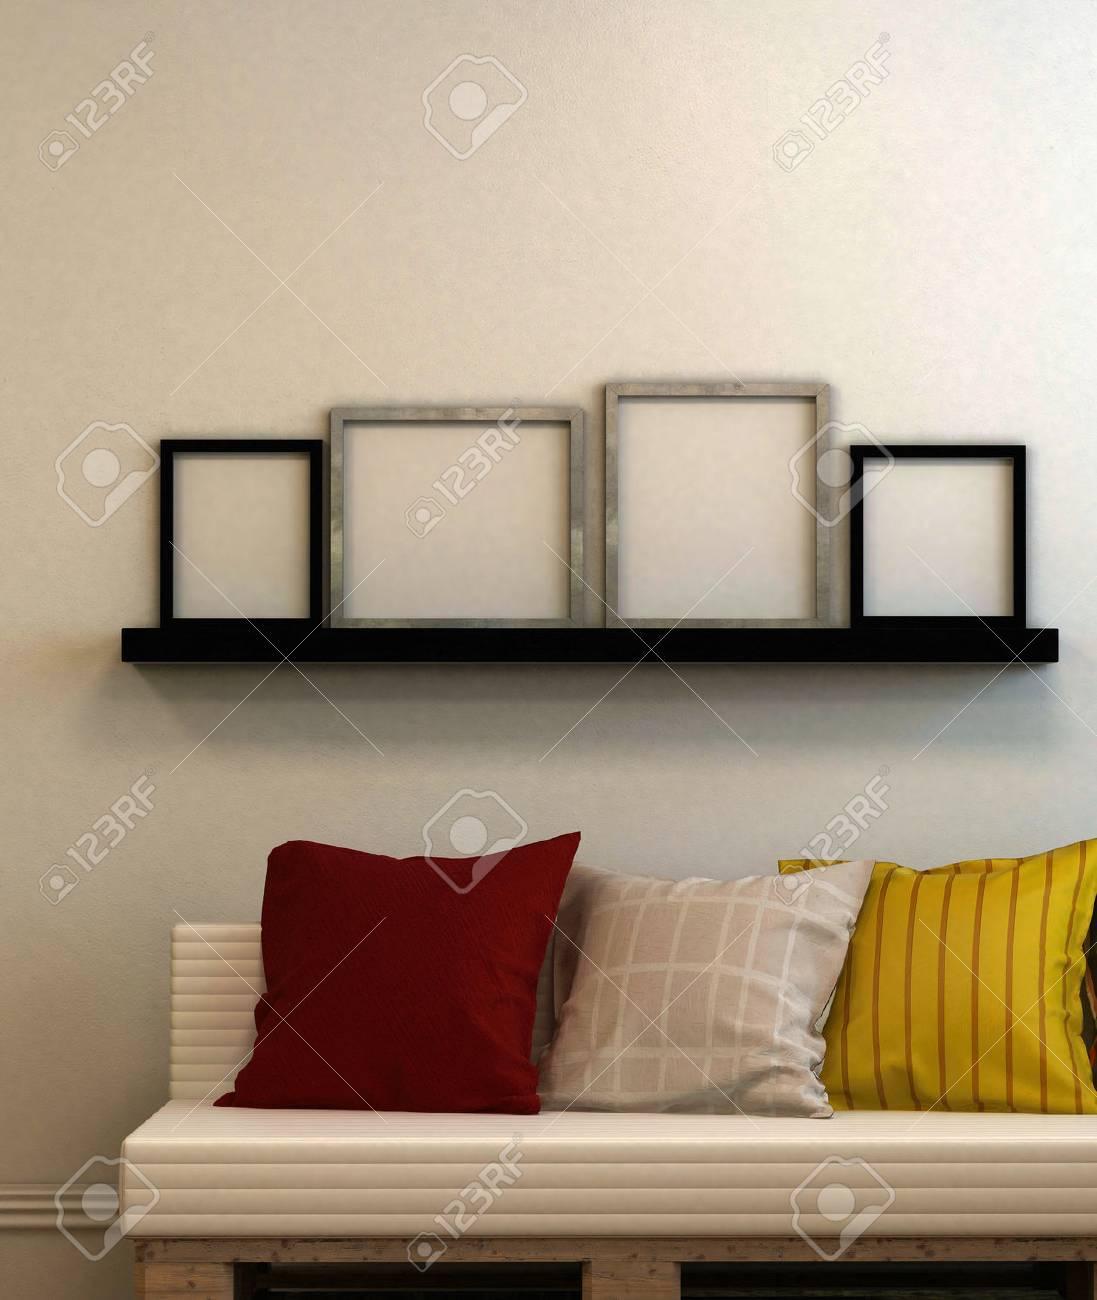 Moderne Couch Mit Kissen Und Vier Leere Bilderrahmen Auf Einem Regal ...